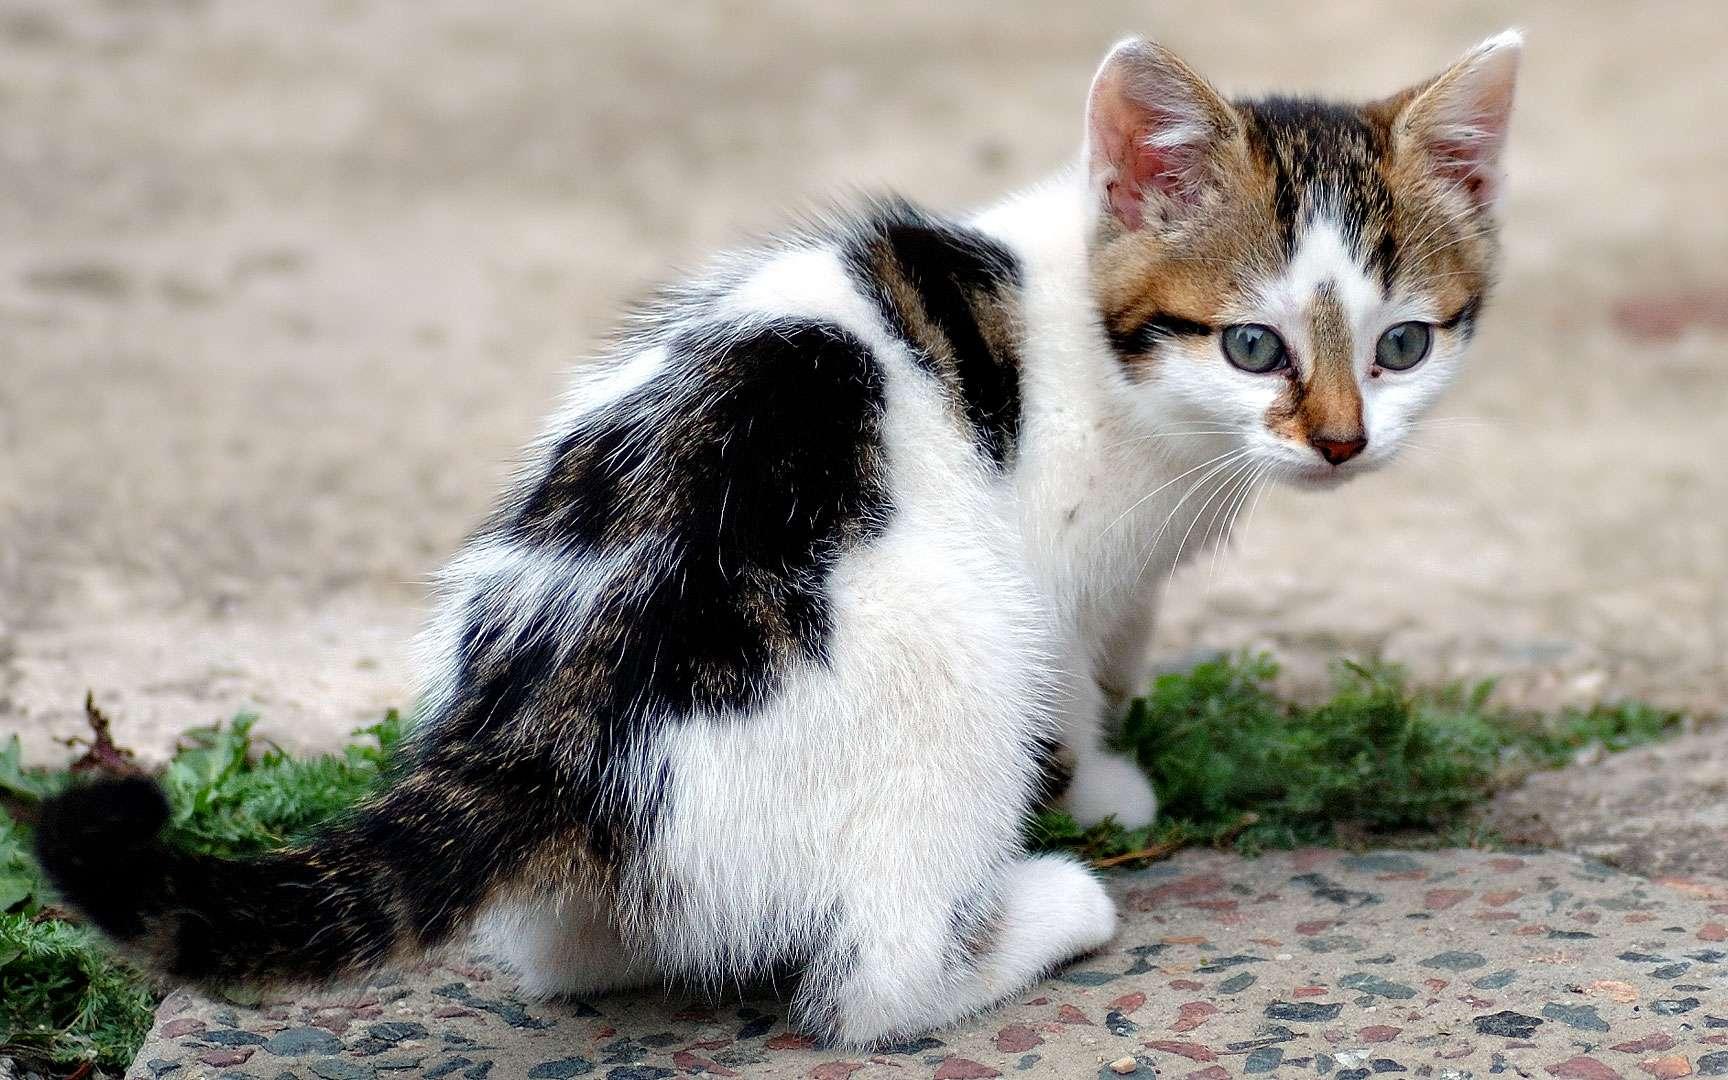 Chaton tout mignon. Les chatons naissent sourds, et ce n'est qu'après plusieurs semaines que leur ouïe atteint son plein potentiel. Les yeux ne s'ouvrent que dans la deuxième semaine de vie. Ils sont bleus au début et prennent leur couleur définitive après environ deux mois. © Aka, Wikimedia Commons, cc by sa 2.5